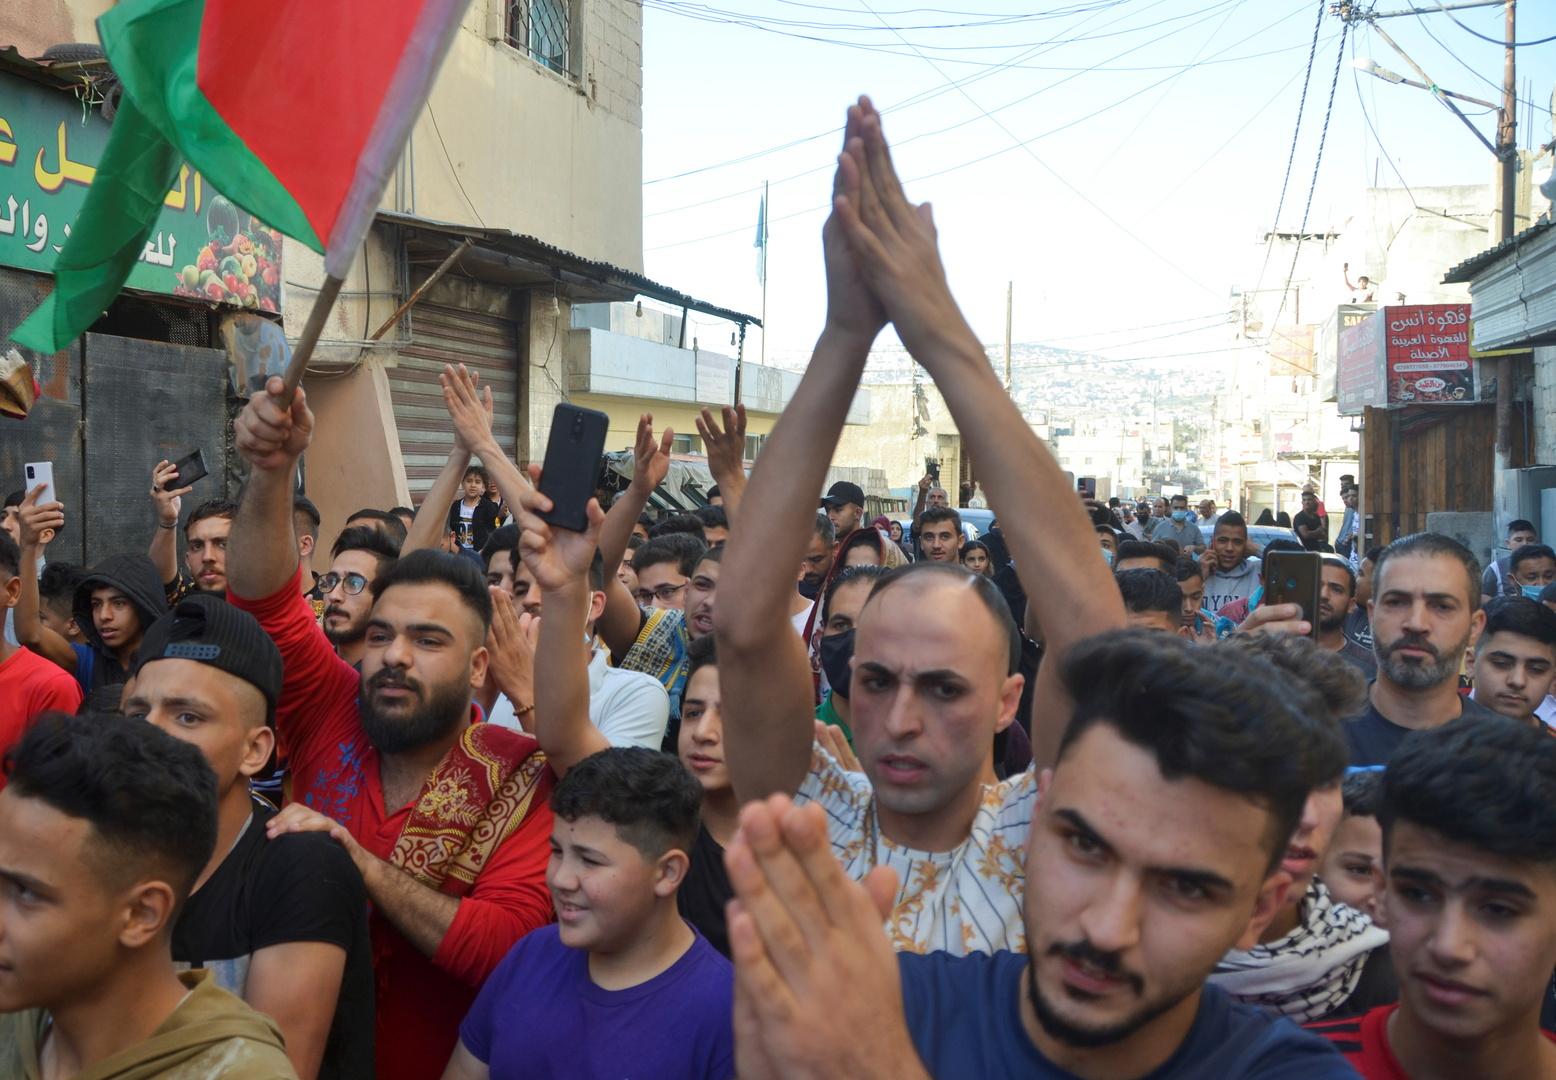 مظاهرة في عمان للتضامن مع الشعب الفلسطيني أول أيام عيد الفطر